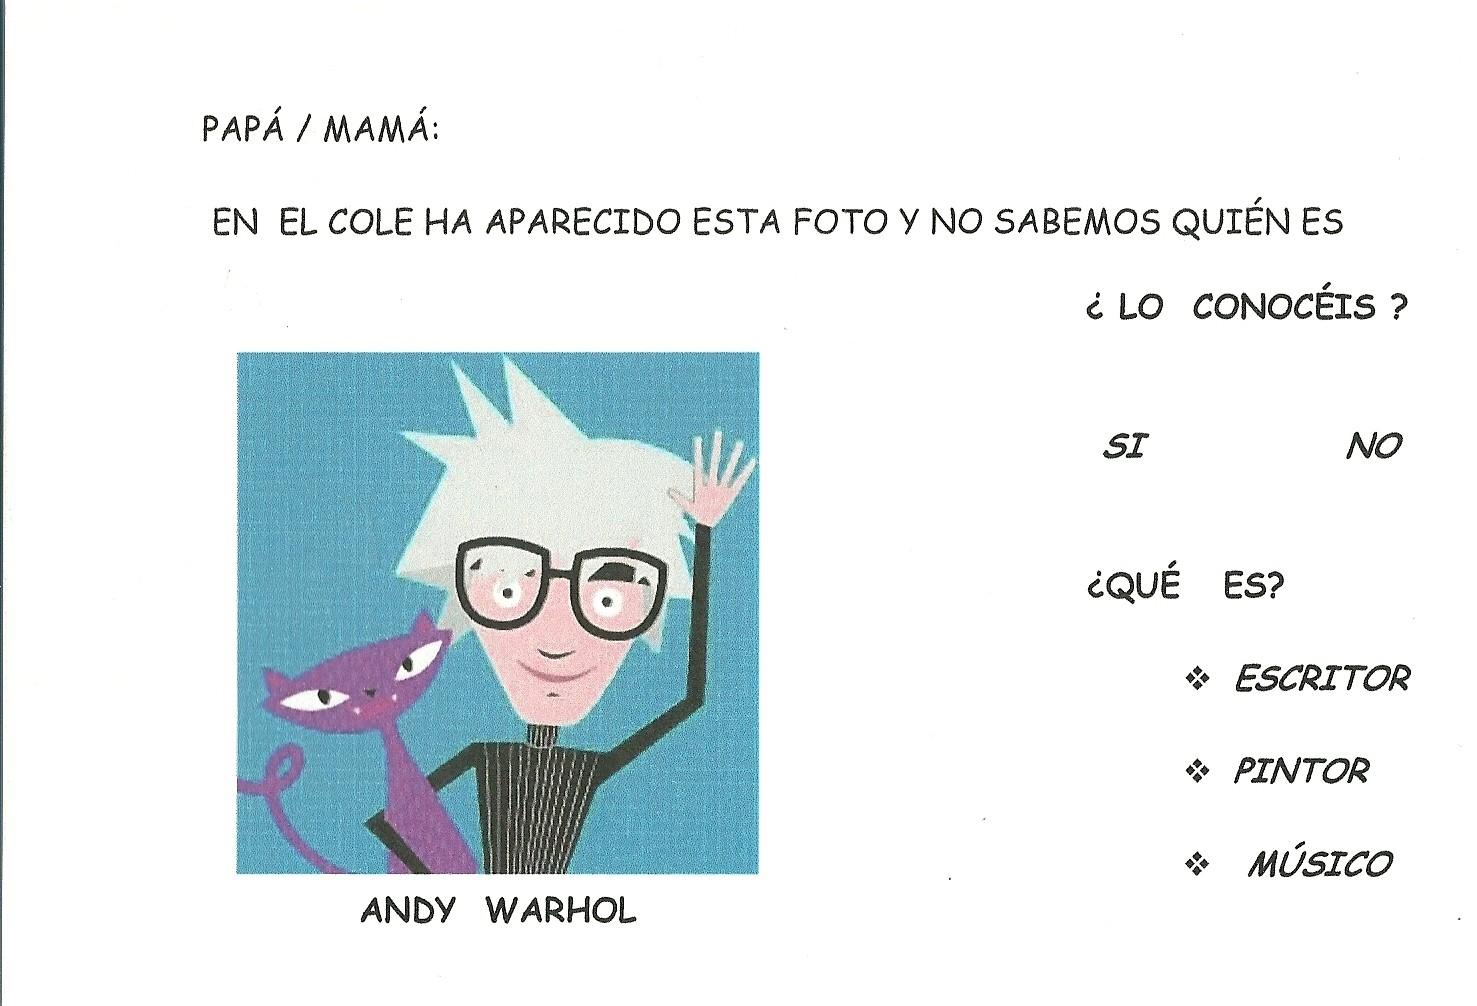 ANDY WARHOL | Leyendo a pinceladas